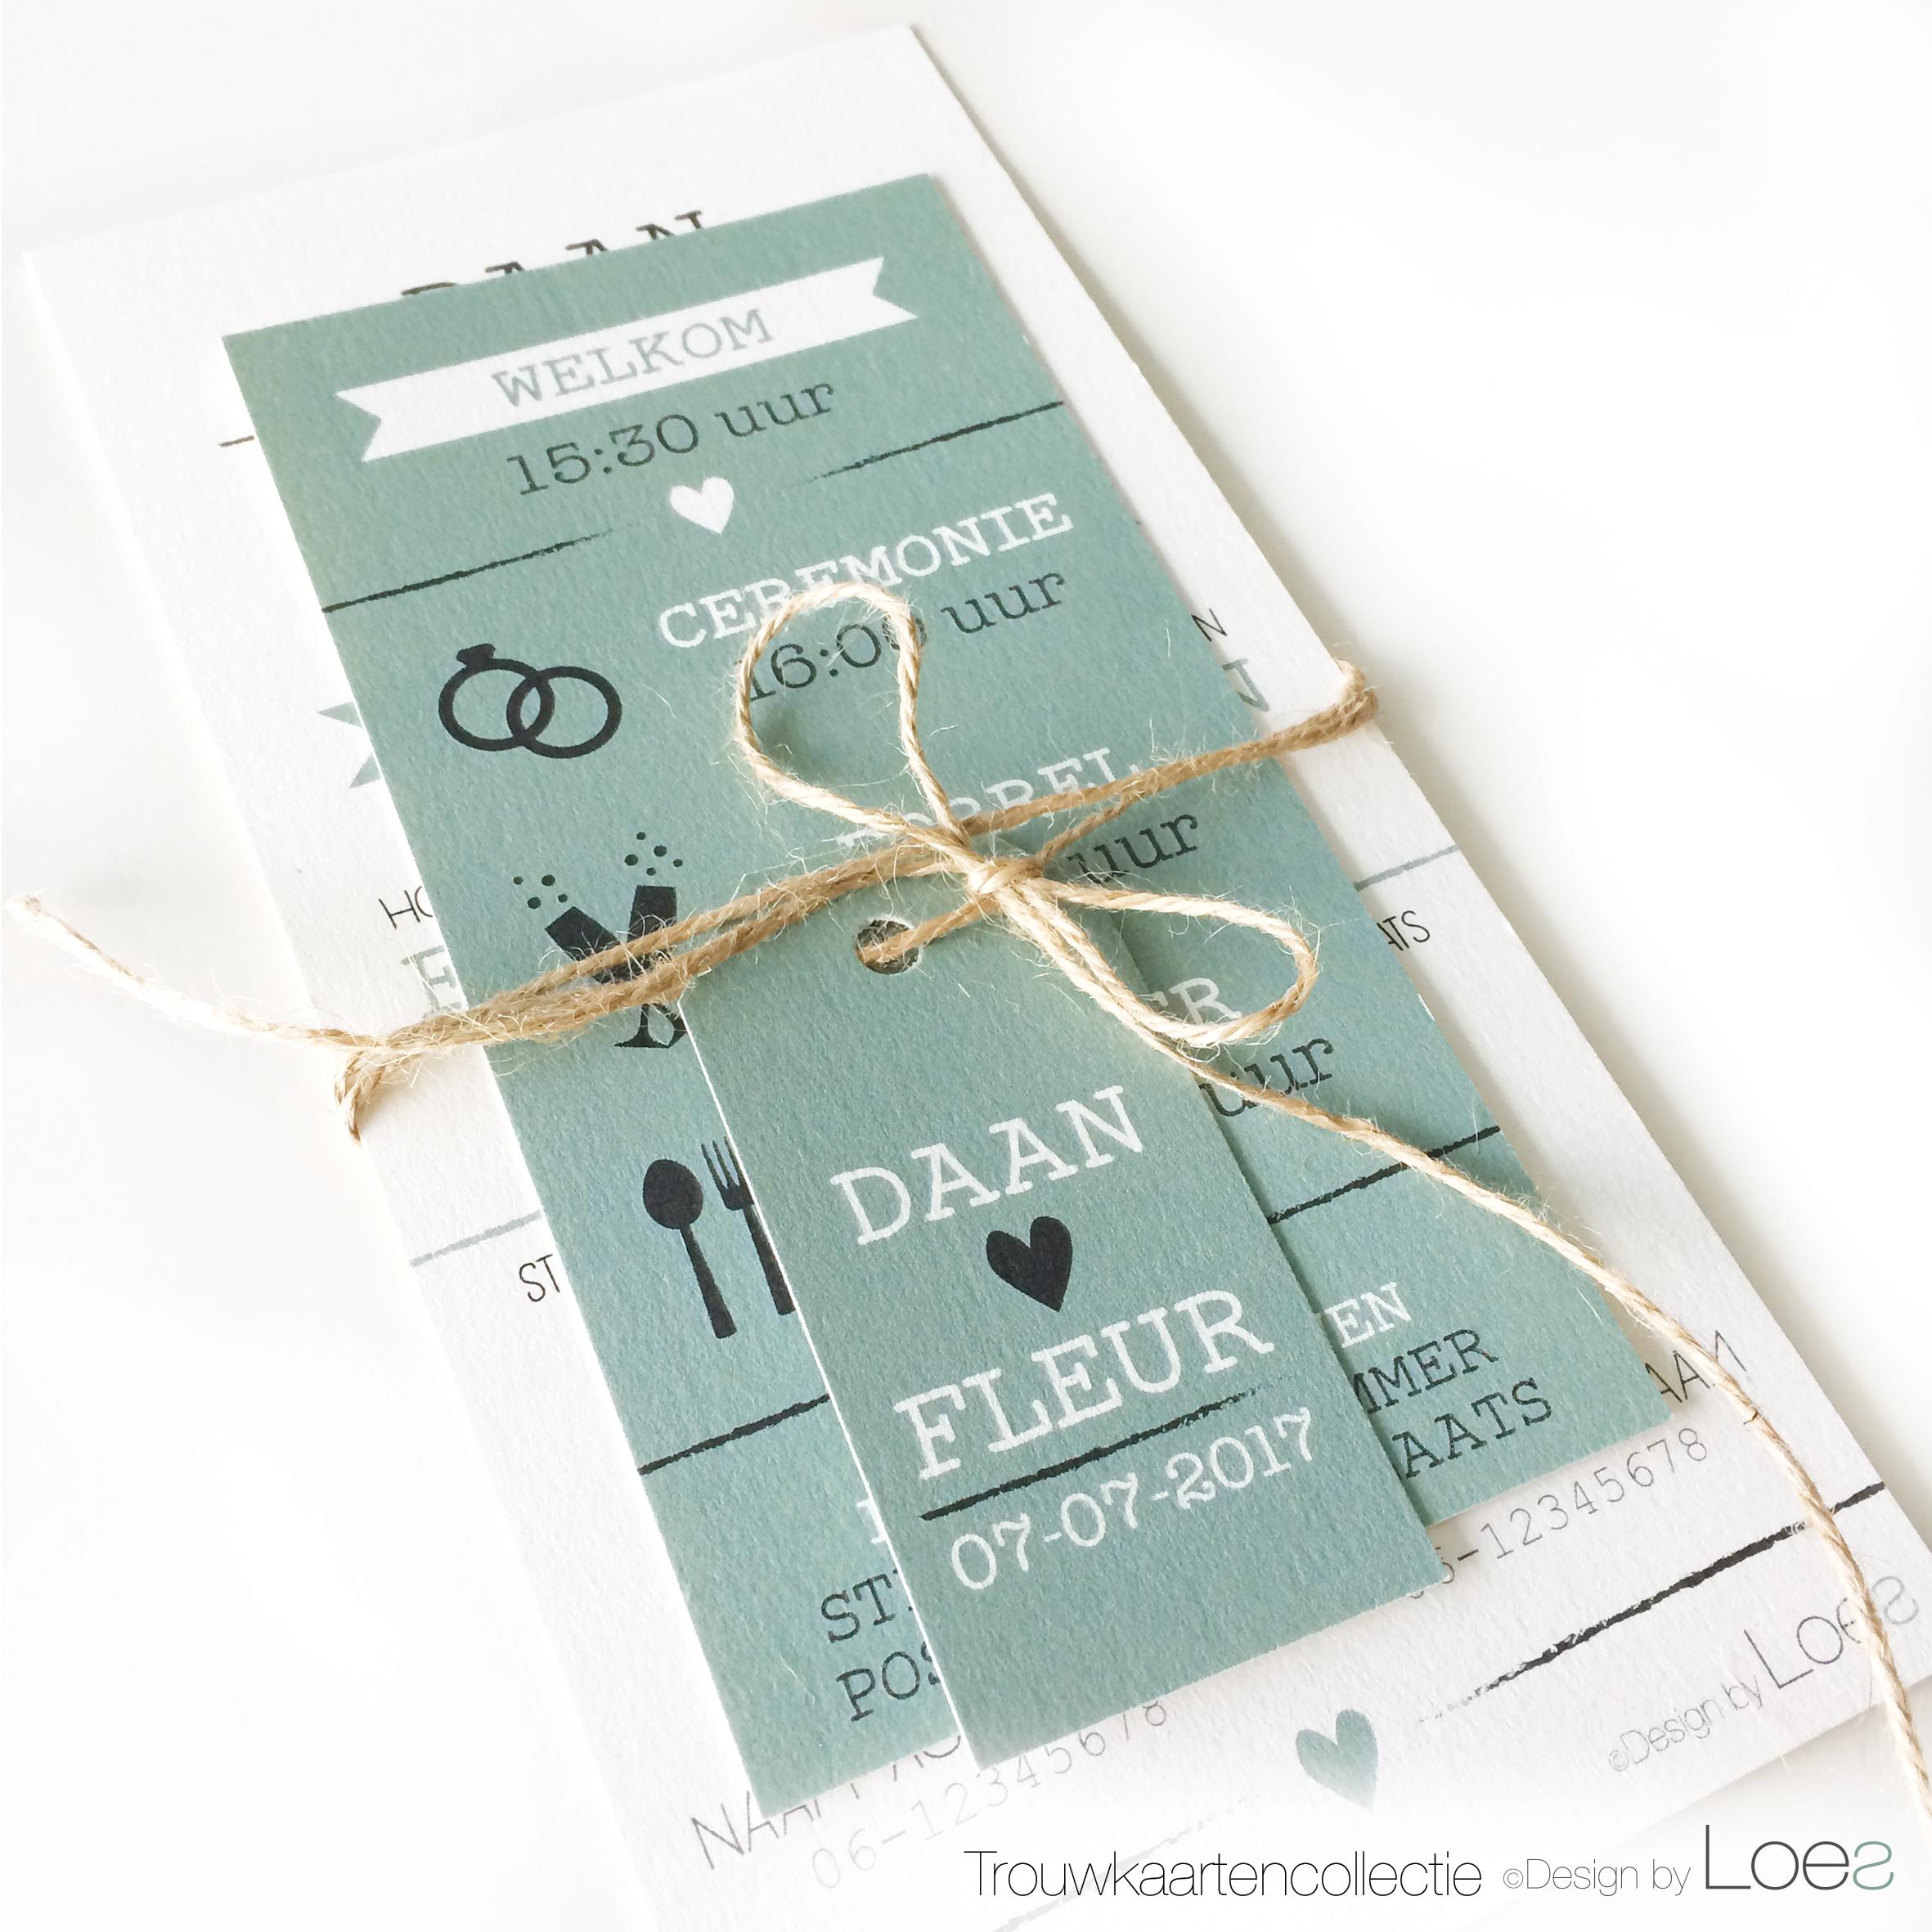 Genoeg Trouwkaarten - Design by Loes #PQ63